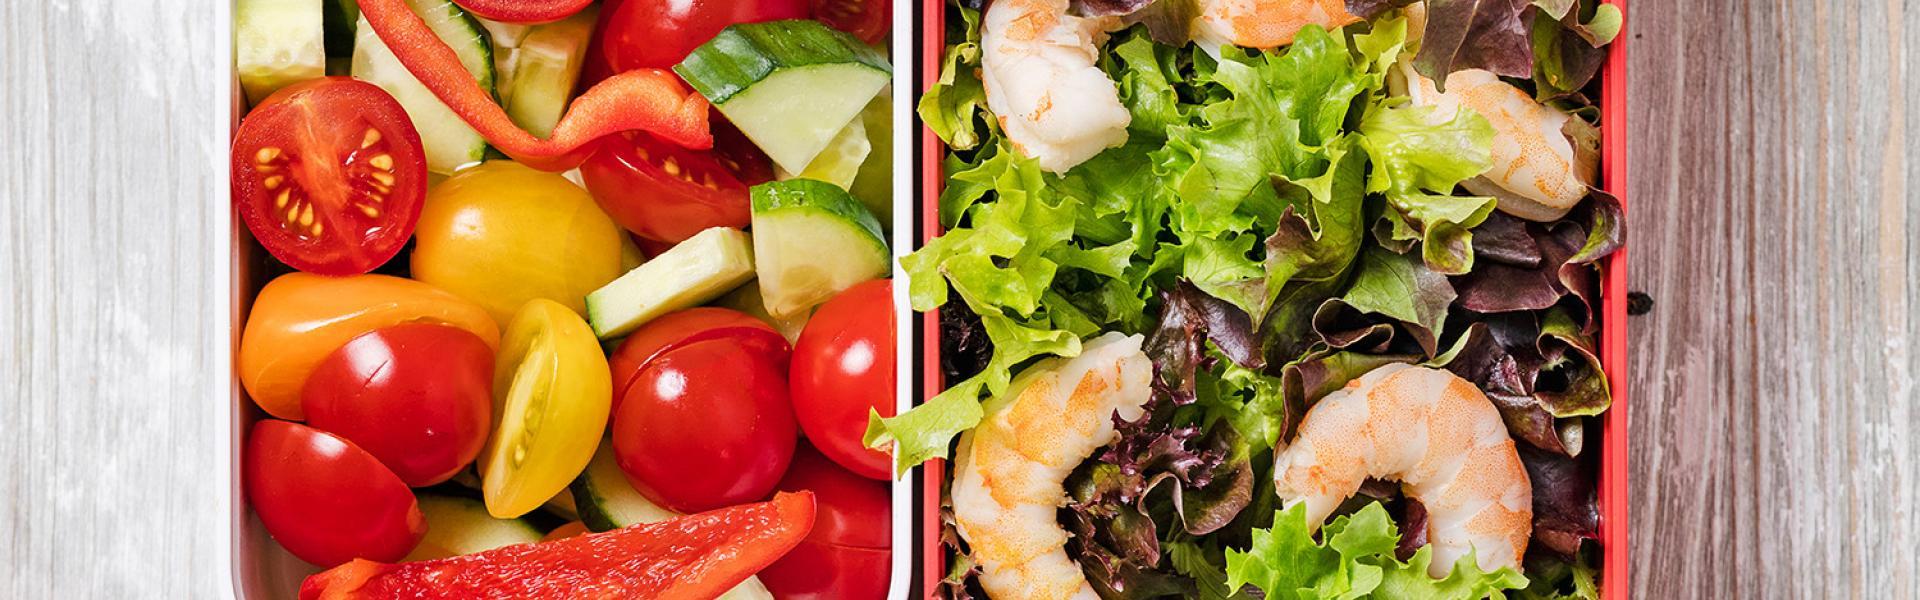 Salat mit Scampi Meal Prep in zwei Dosen angerichtet.